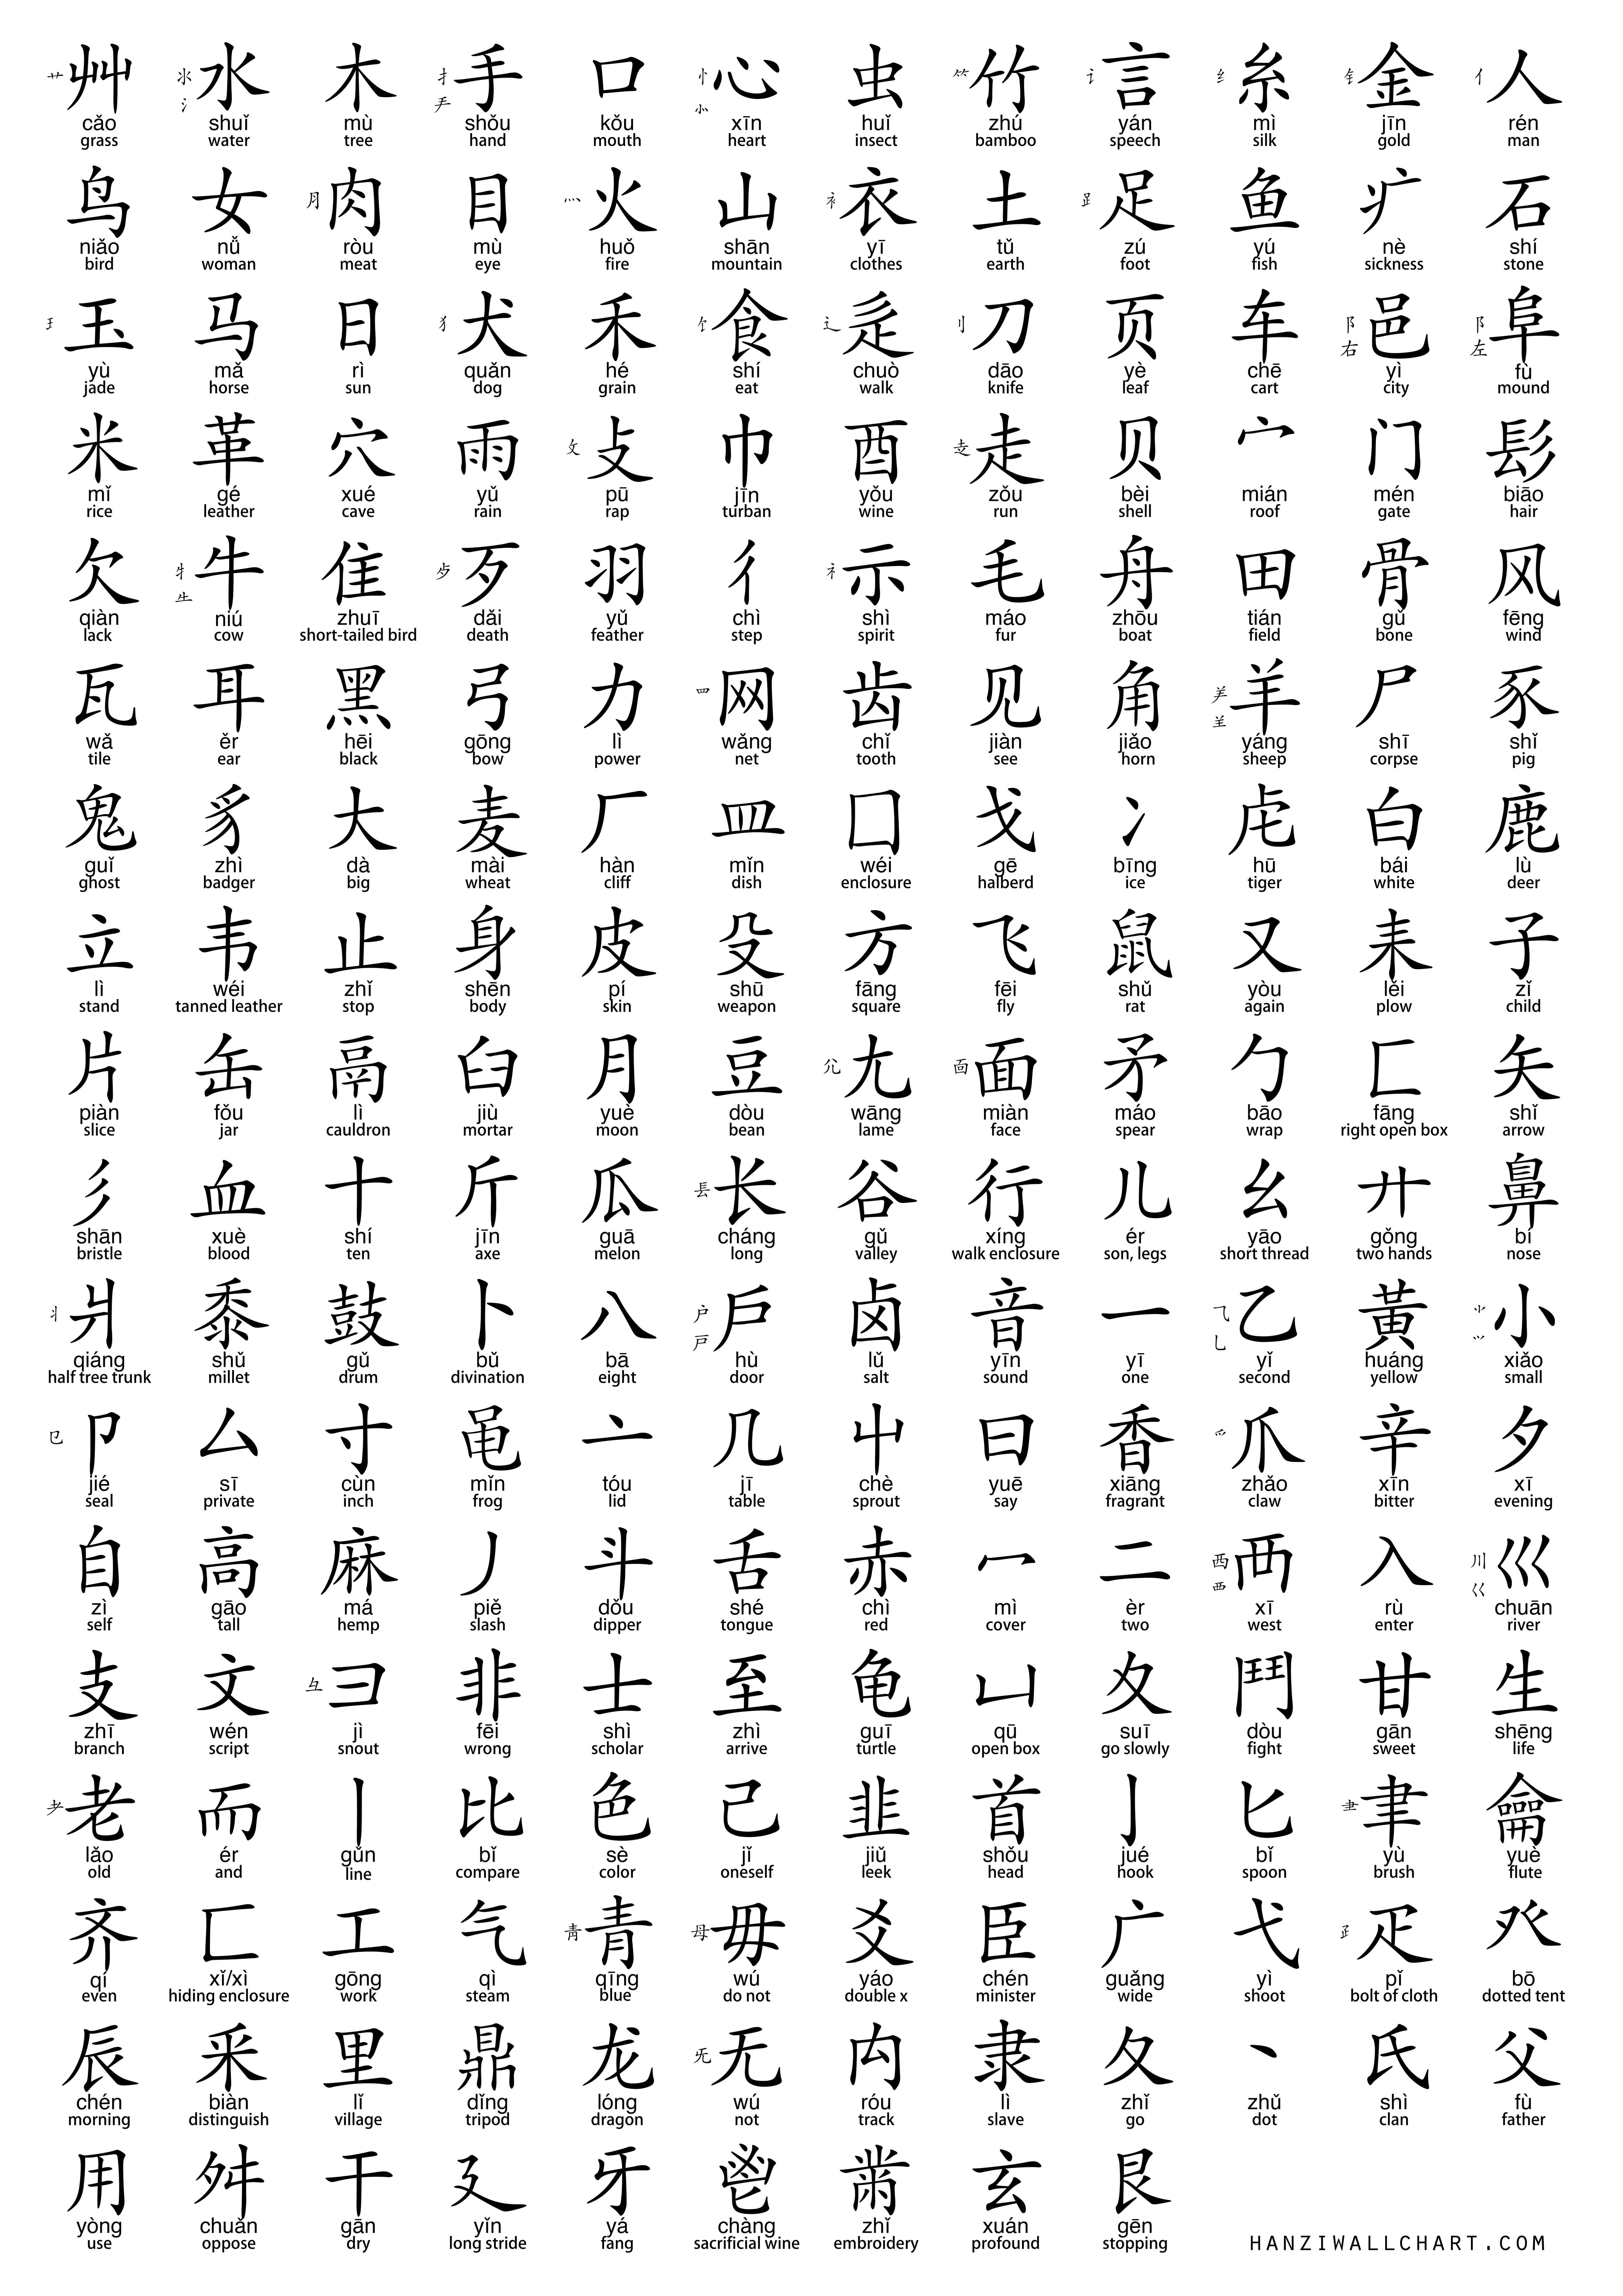 Chinese Radicals Chart